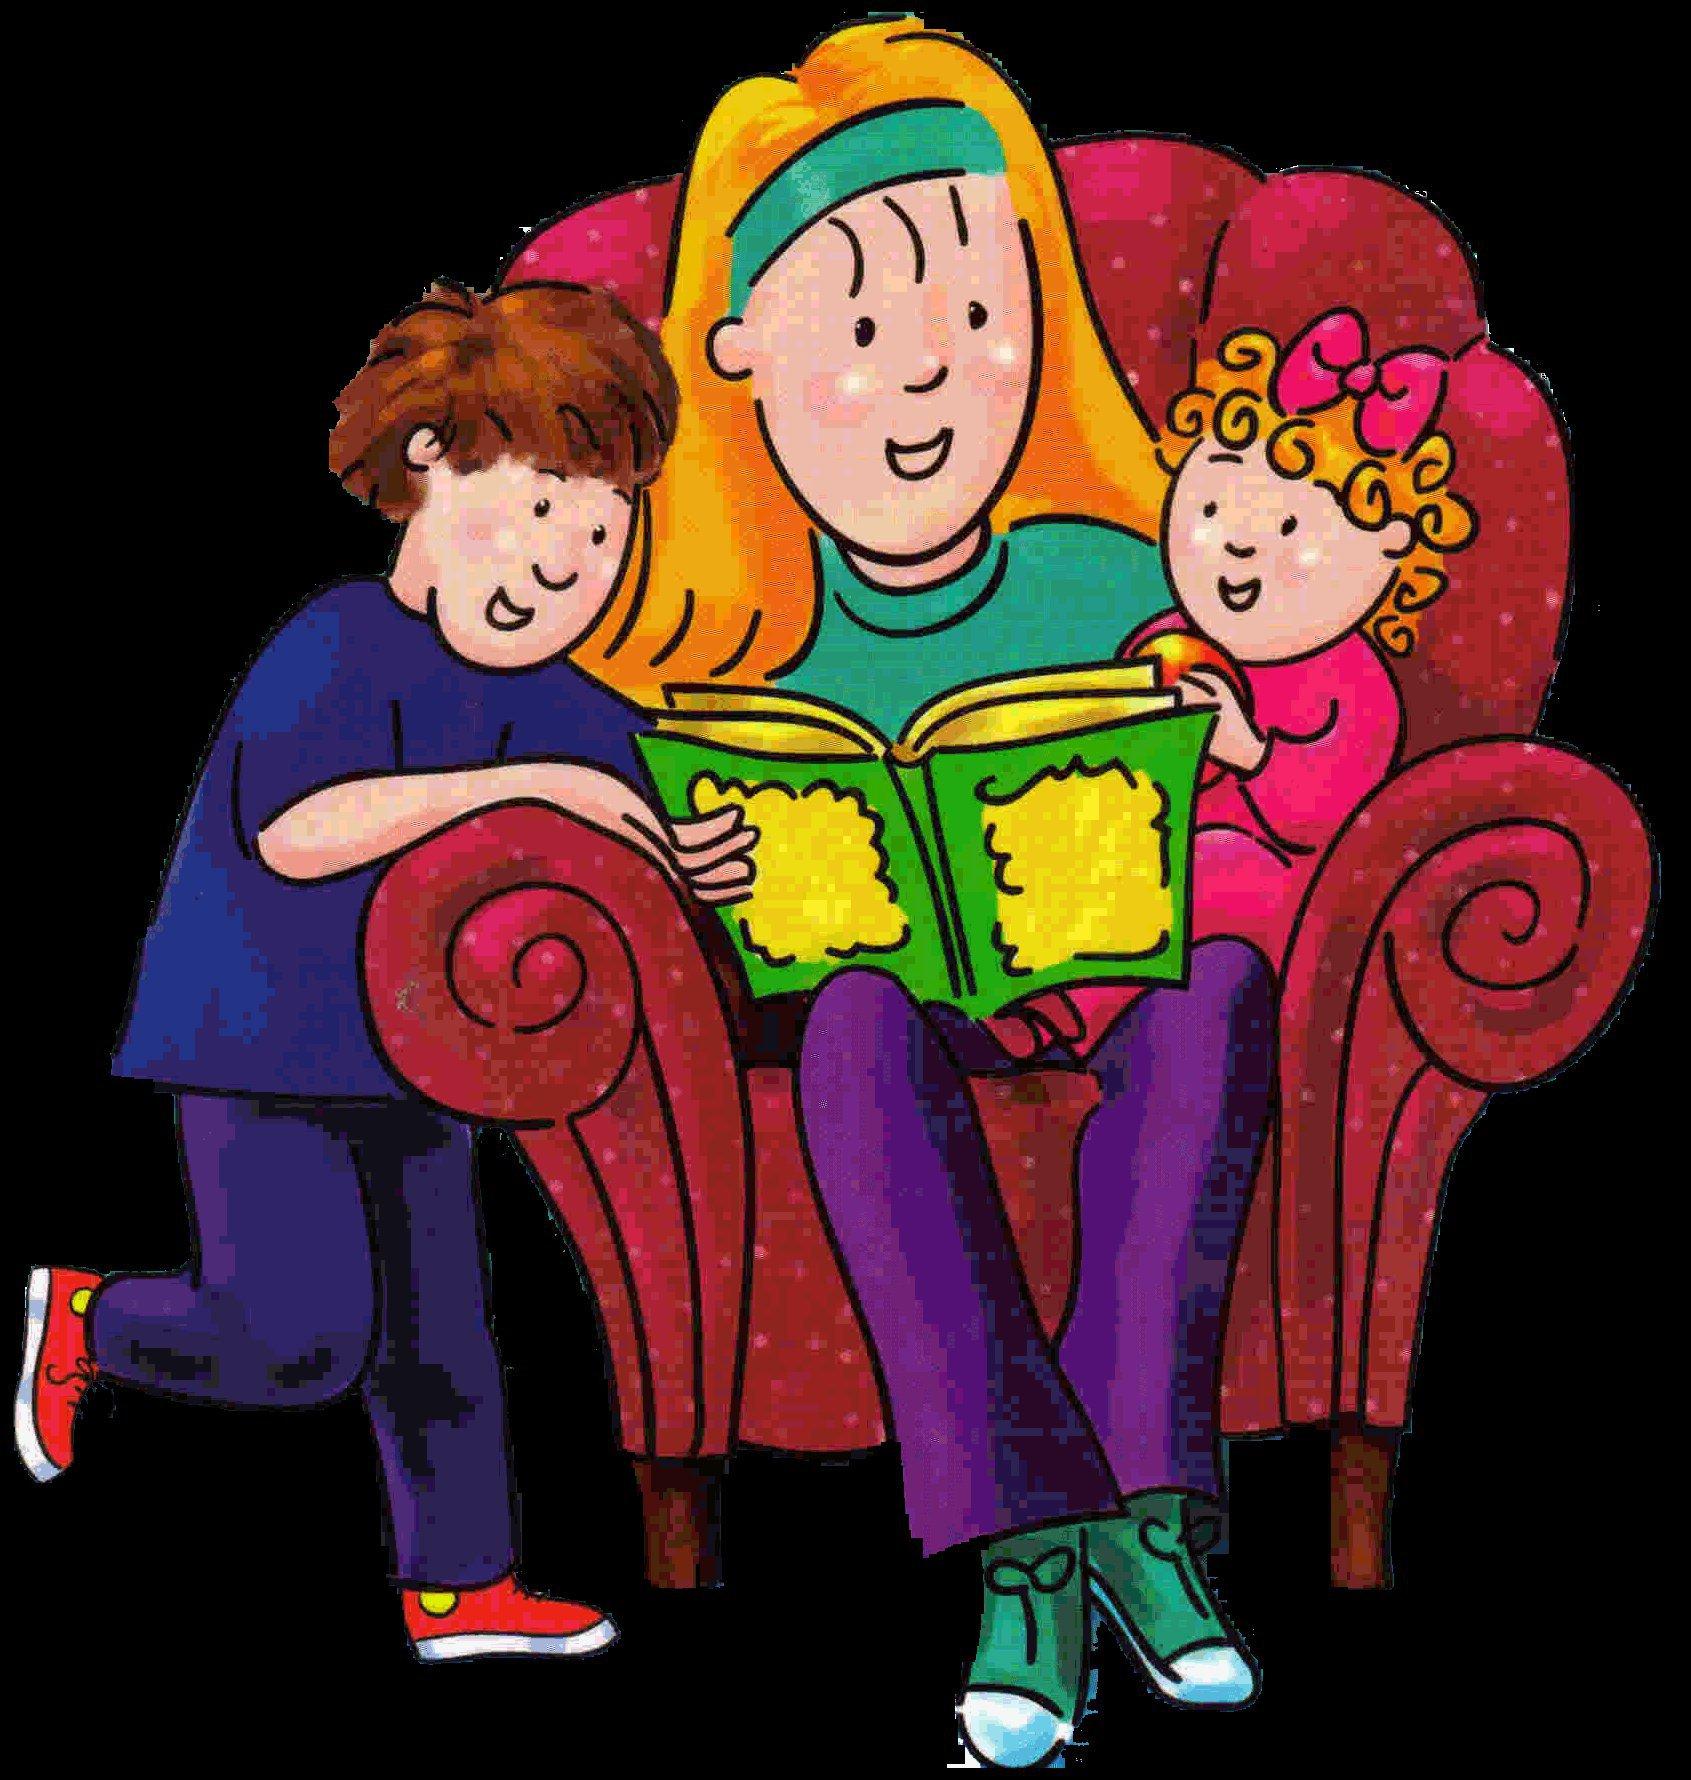 Opatríme Vaše detičky - v príjemnom pros - Služby a rôzne  1c496b60d8